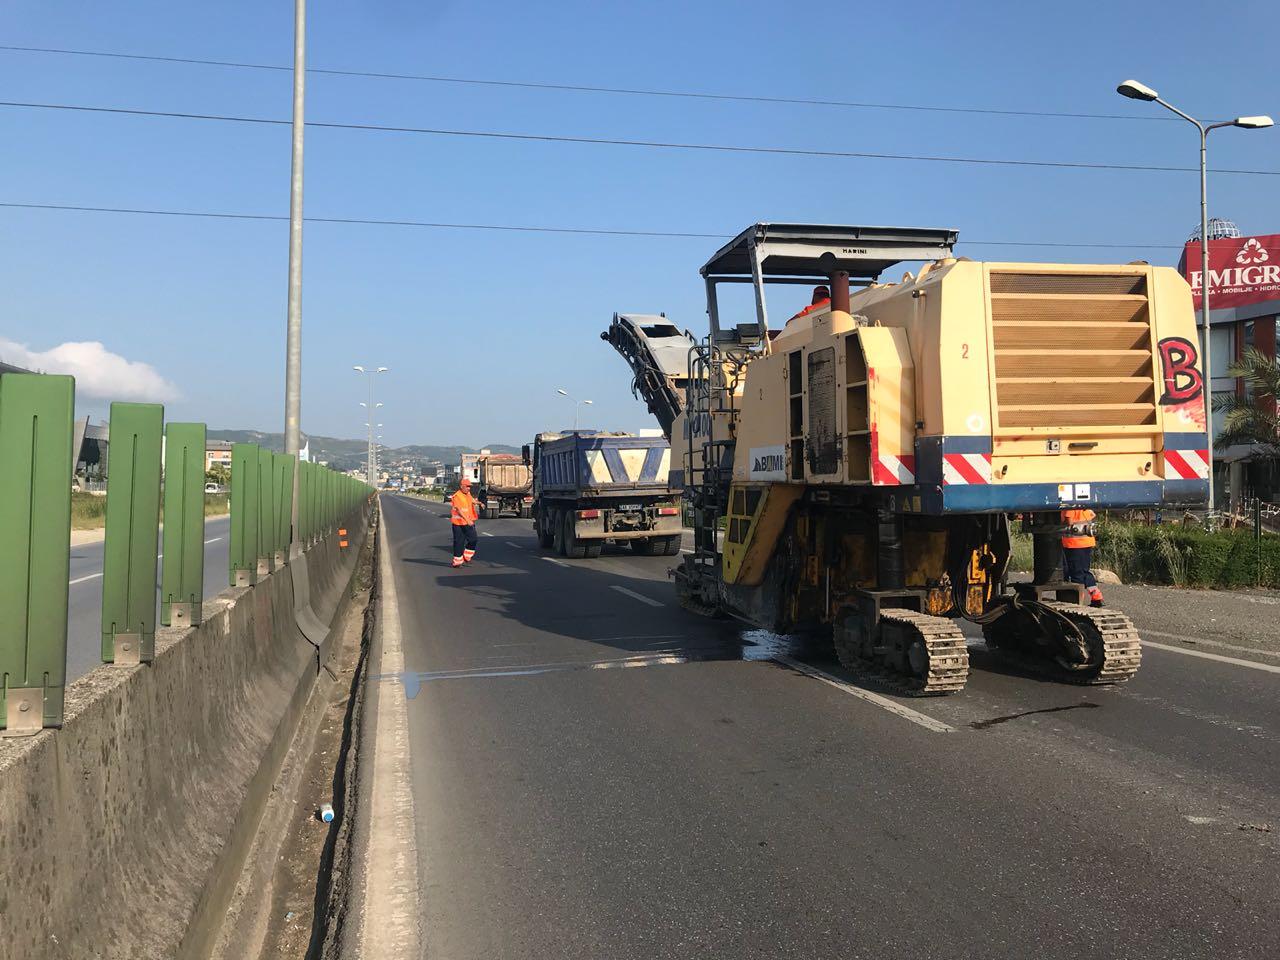 ARRSH njoftim të rëndësishëm për shoferët: Nga 1 prilli nis asfaltimi i rrugës Kavajë-Rrogozhinë, çfarë duhet të dini për devijimin e trafikut